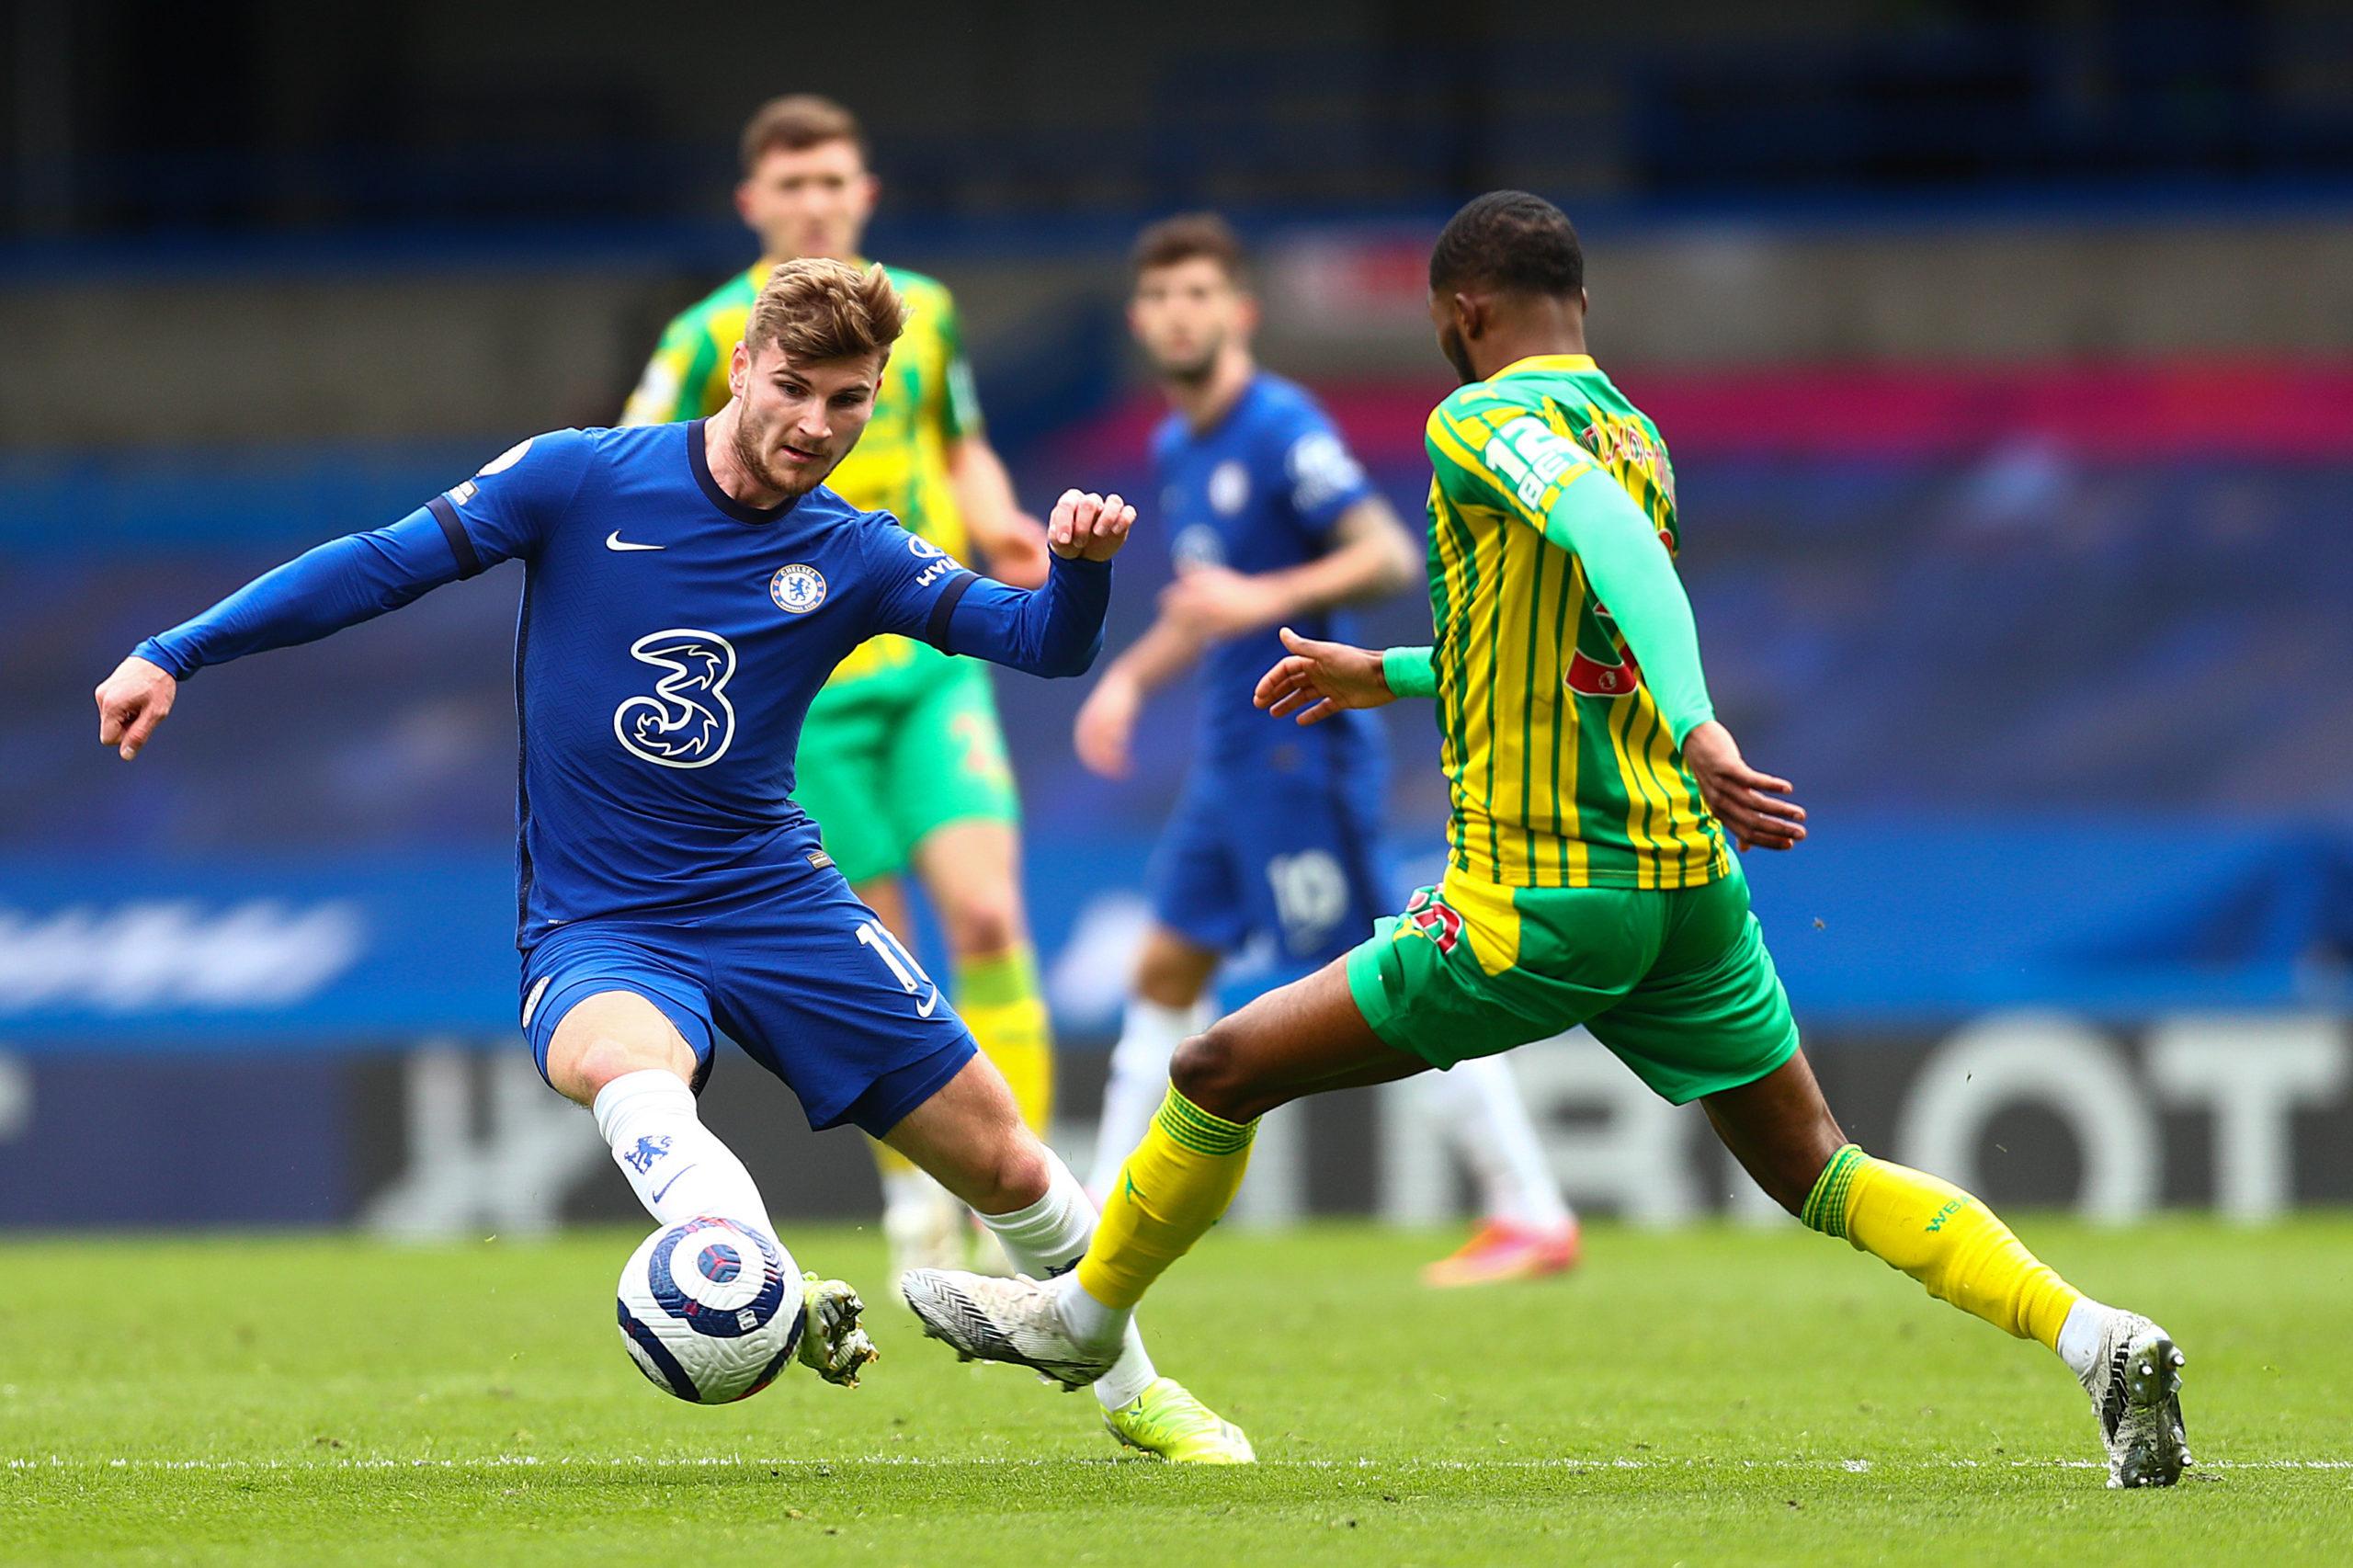 Lőw Zsolt a Chelsea-vel is az elődöntőt veszi célba a Bajnokok Ligájában